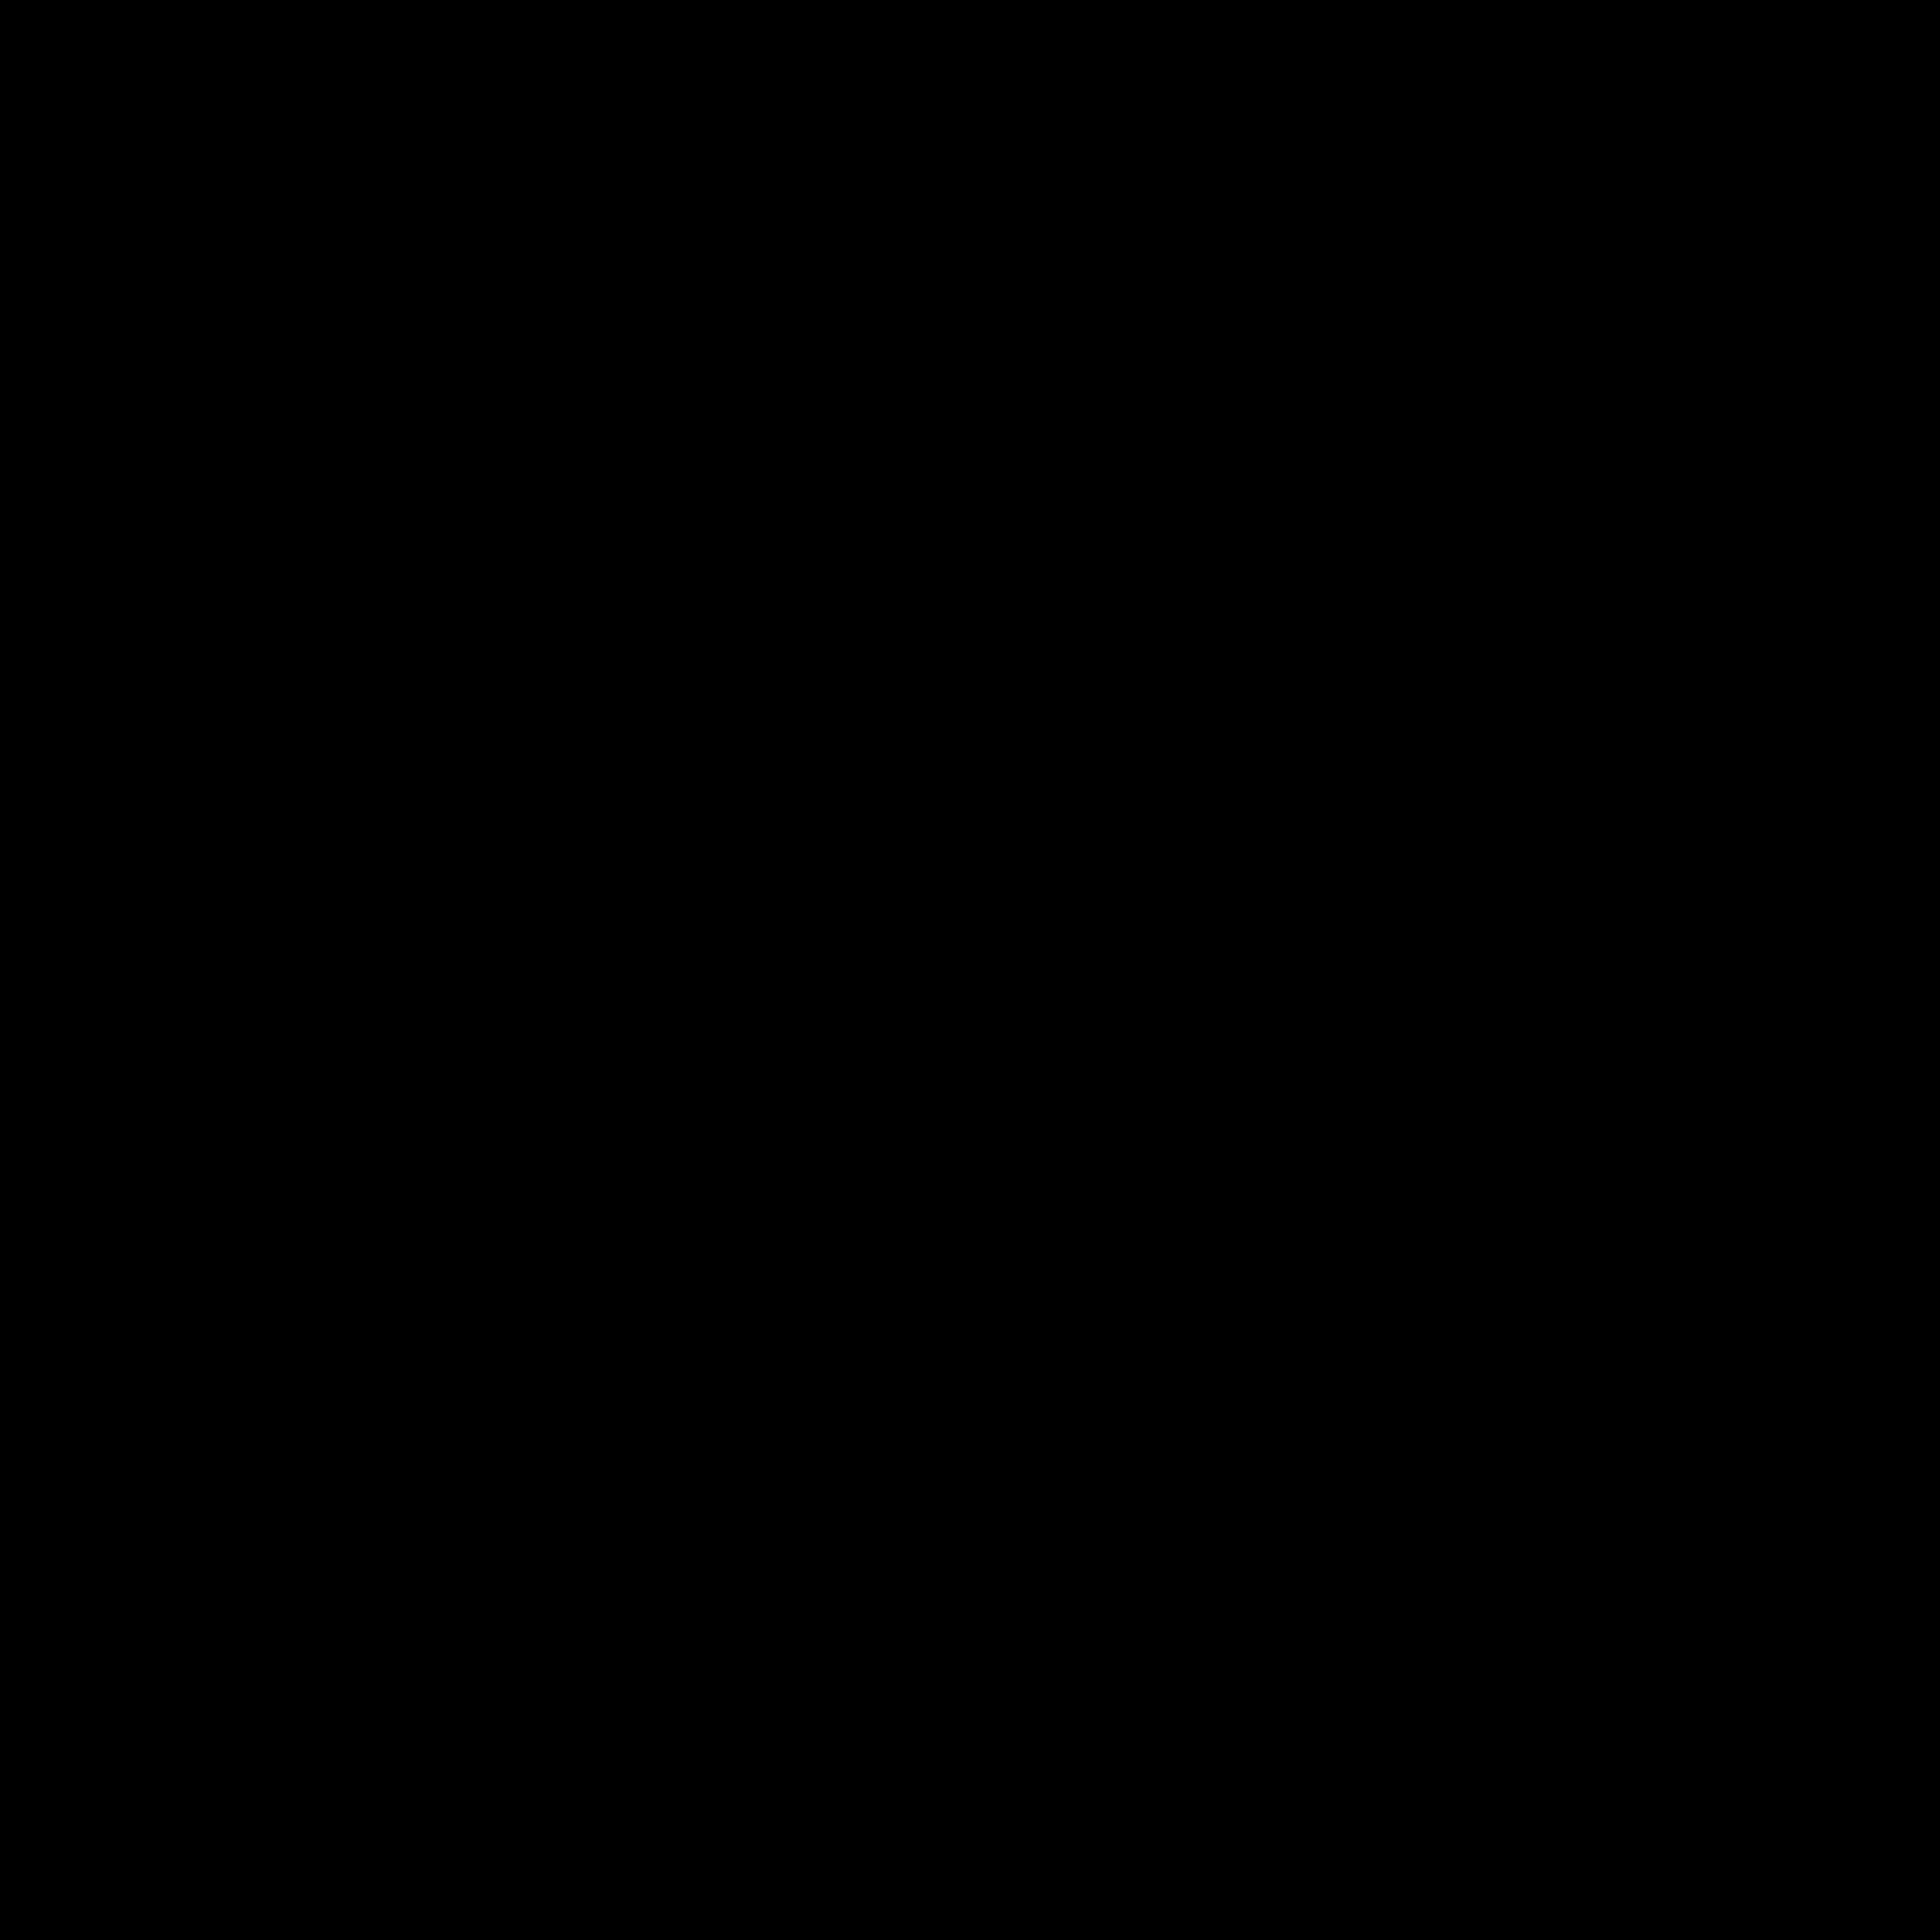 Jugendzimmer: Regale als Raumteiler  Zimmer einrichten